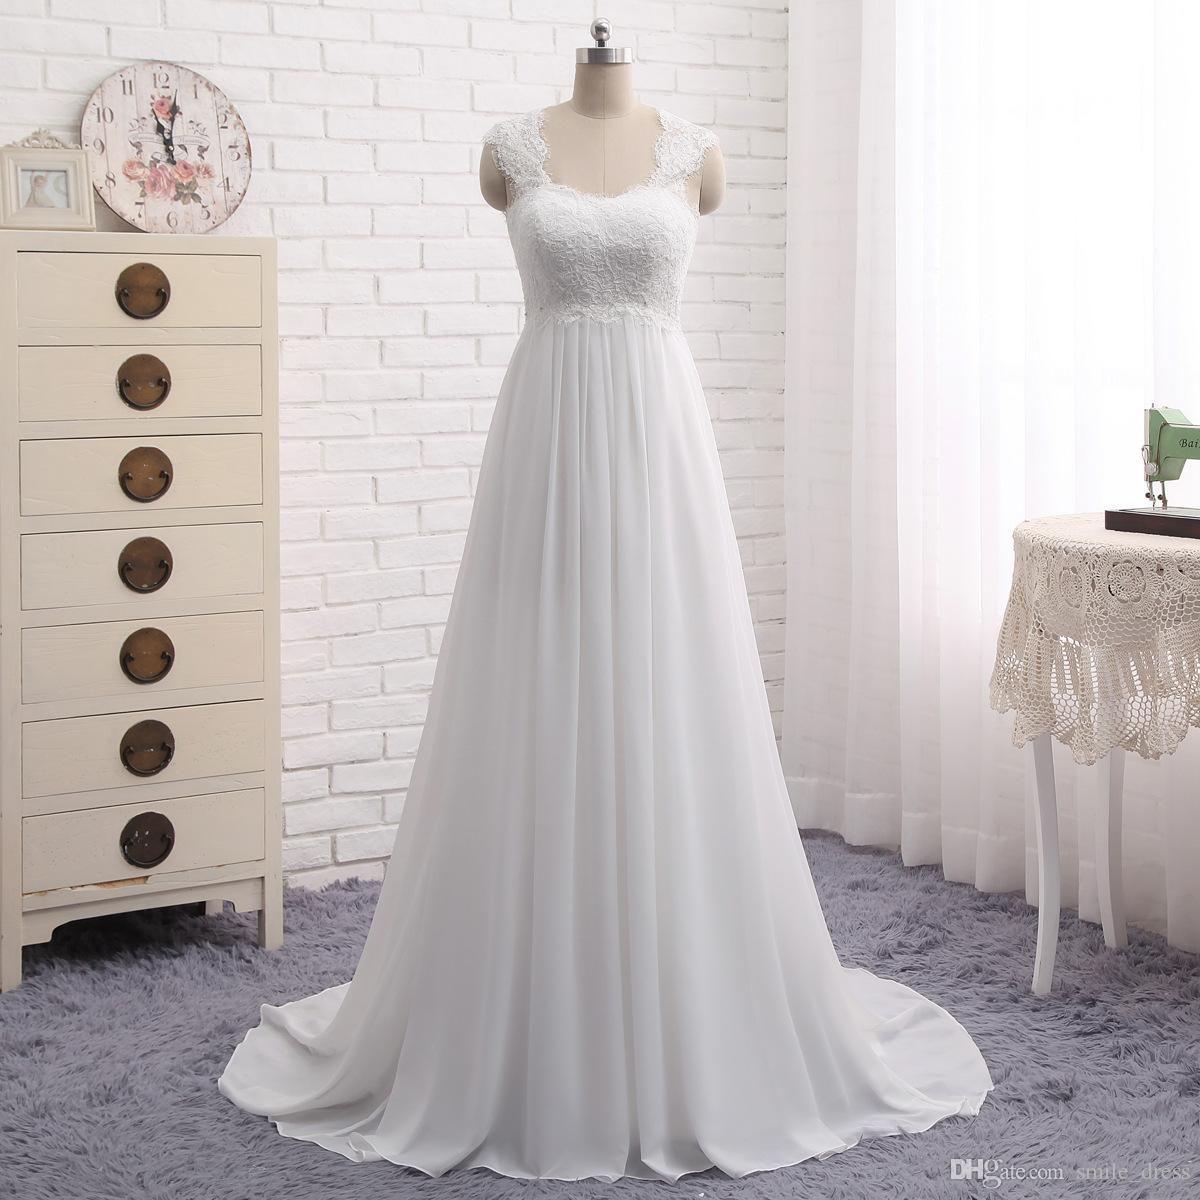 Discount cheap summer beach maternity wedding dresses a line